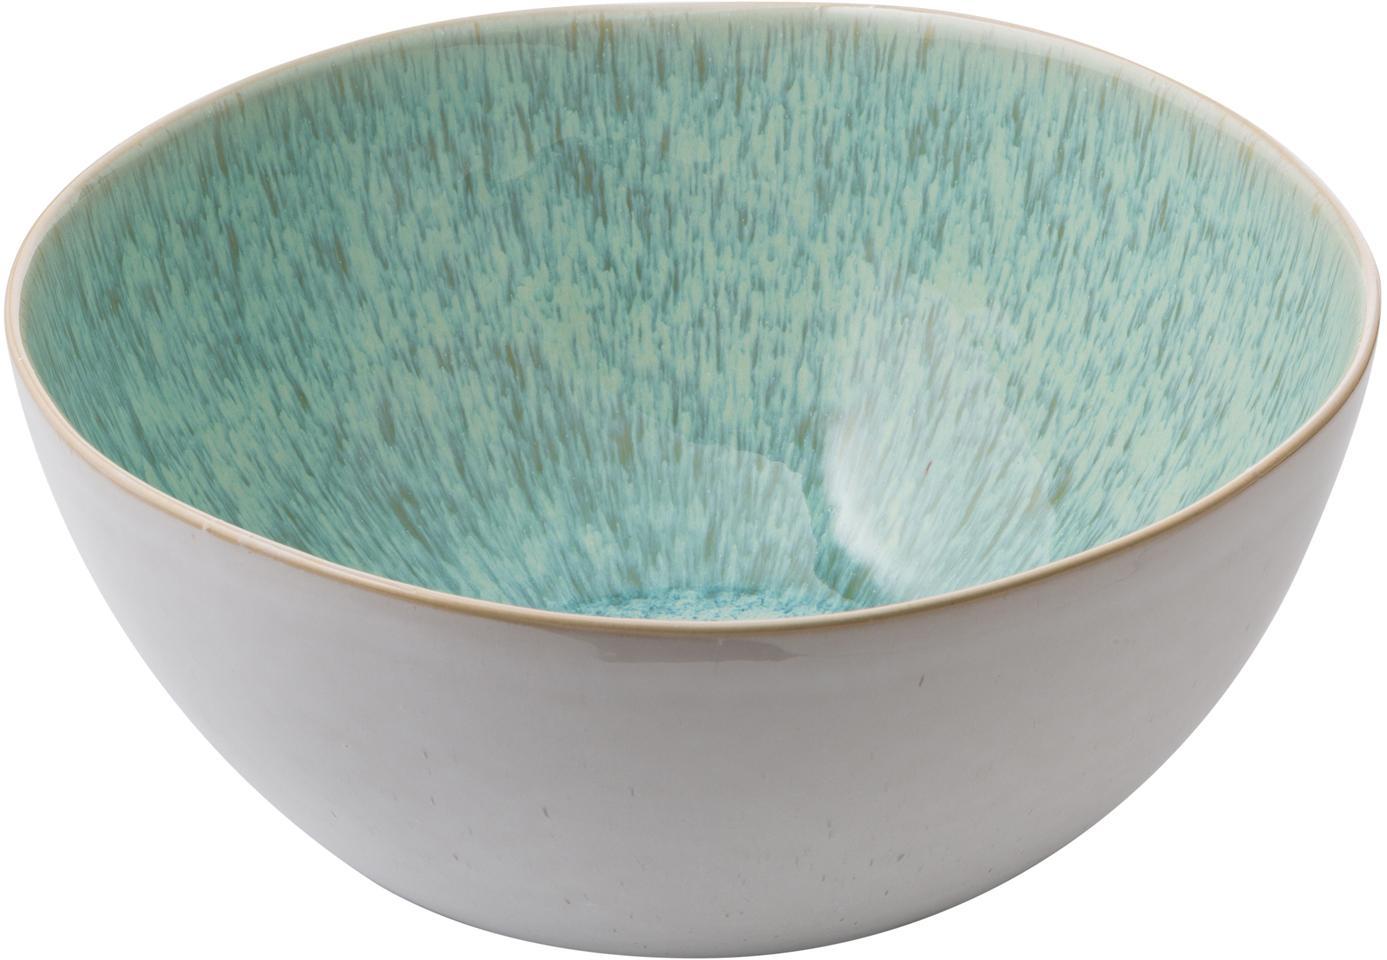 Handbemalte Salatschüssel Areia mit reaktiver Glasur, Steingut, Mint, Gebrochenes Weiss, Beige, Ø 26 x H 12 cm